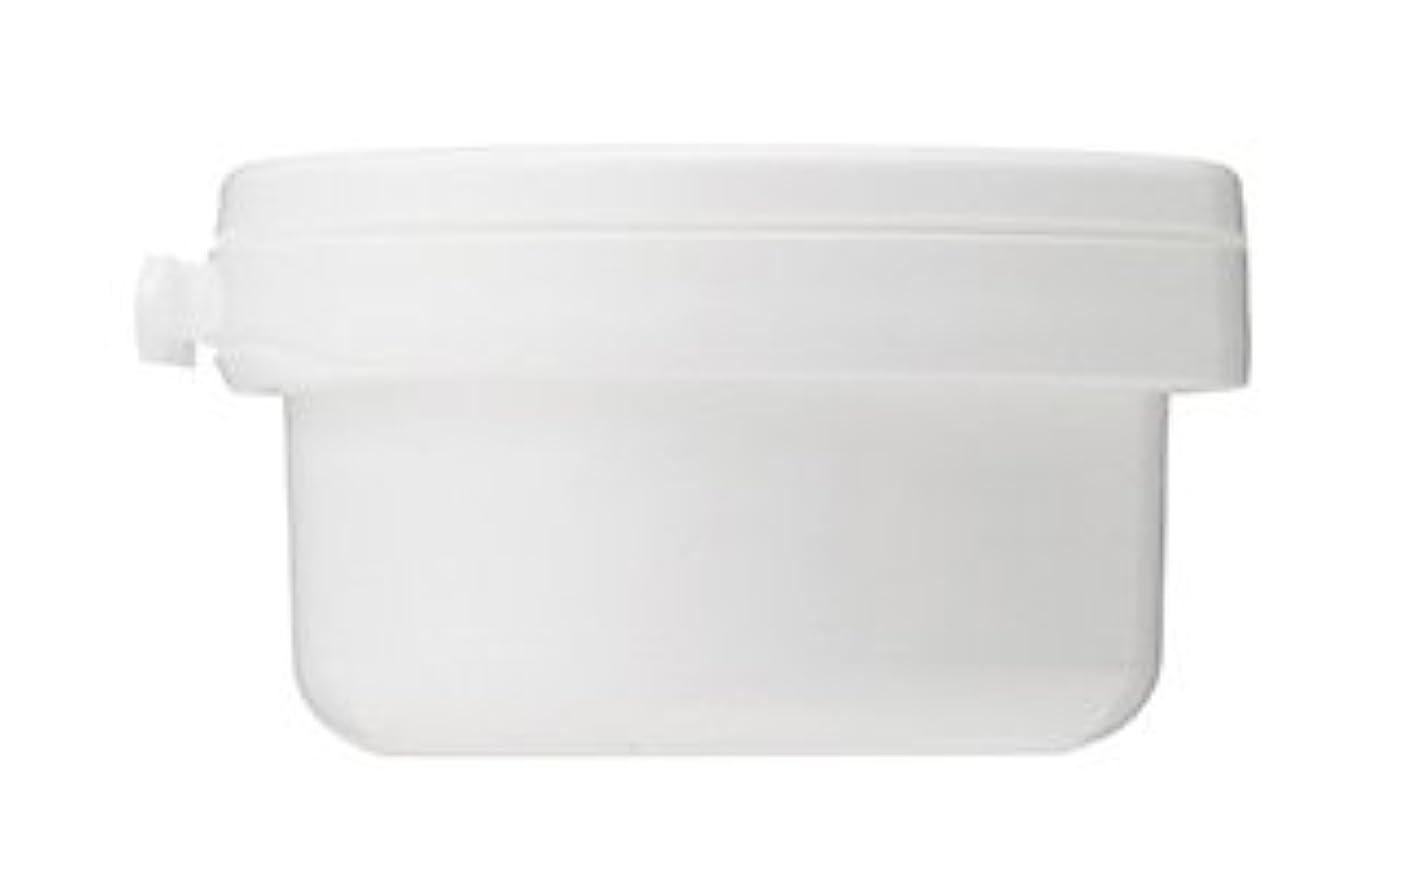 キャンパス合図フレットインナップEX 保湿クリーム詰め替え用 (潤い効果アップ) モイスチャークリーム MD レフィル [弱酸性]